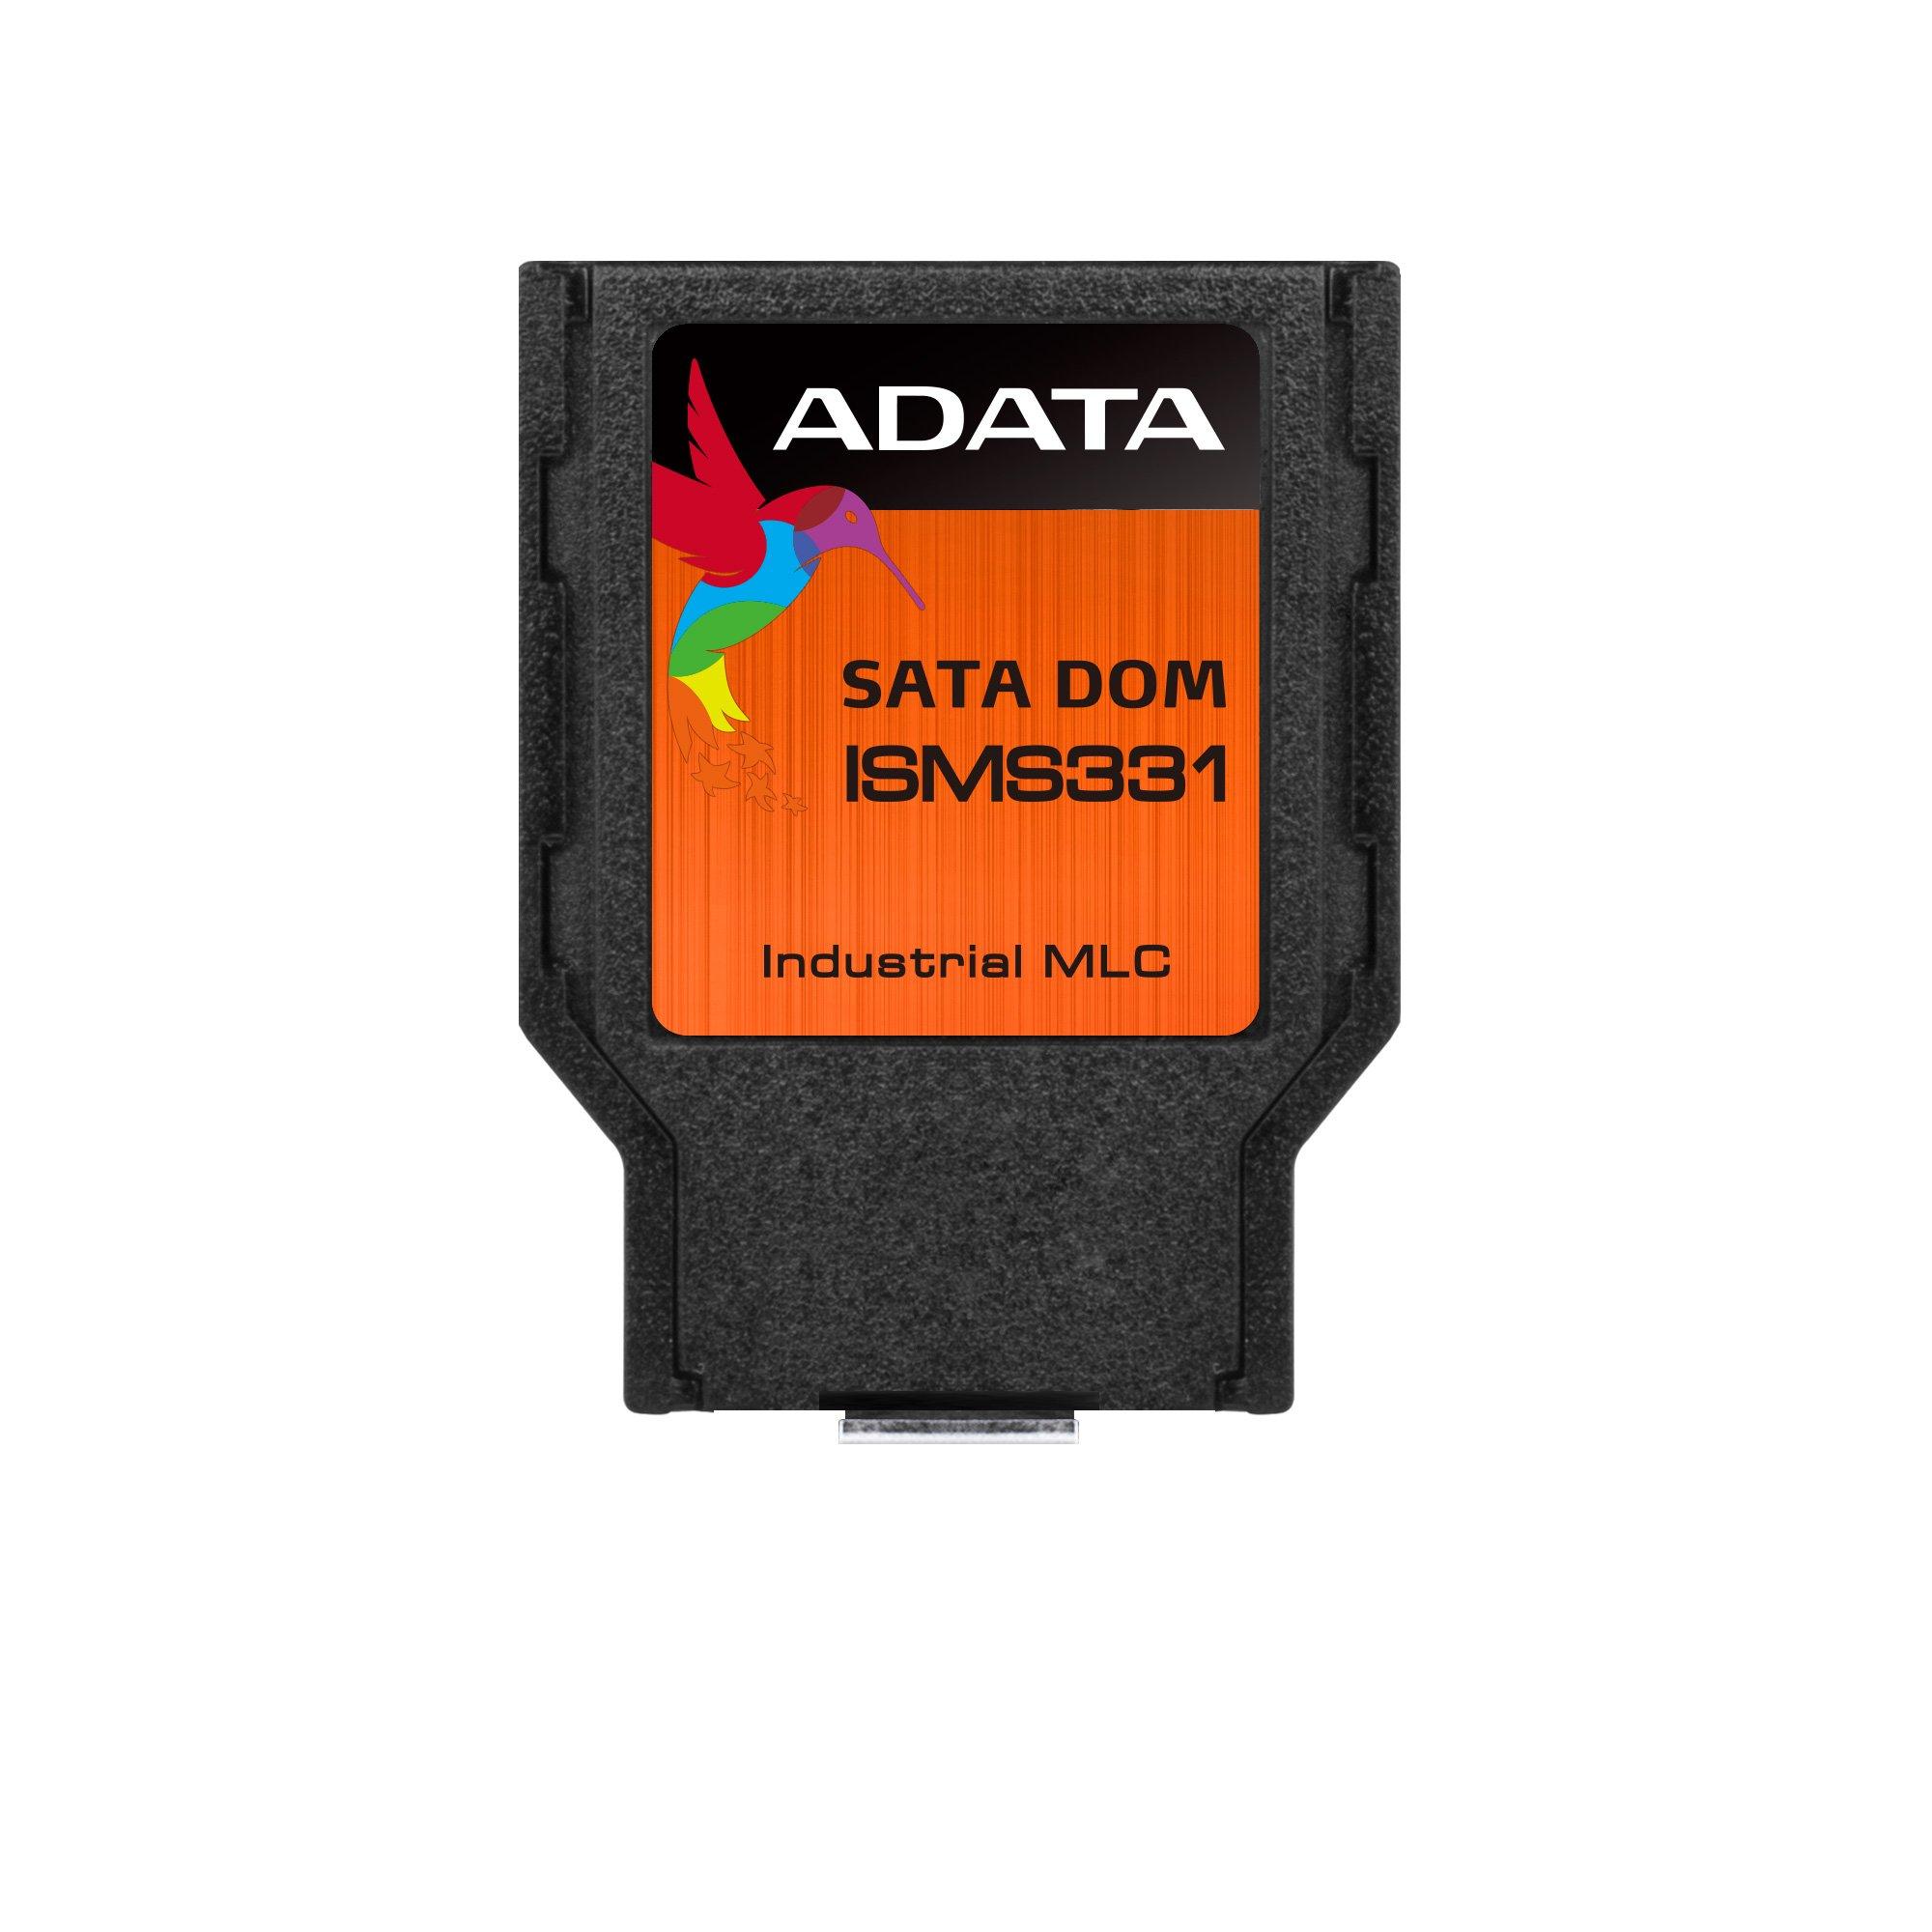 SSD MLC 32GB SATA ADATA ISMS331 Industrial Grade 7 Pin DOM